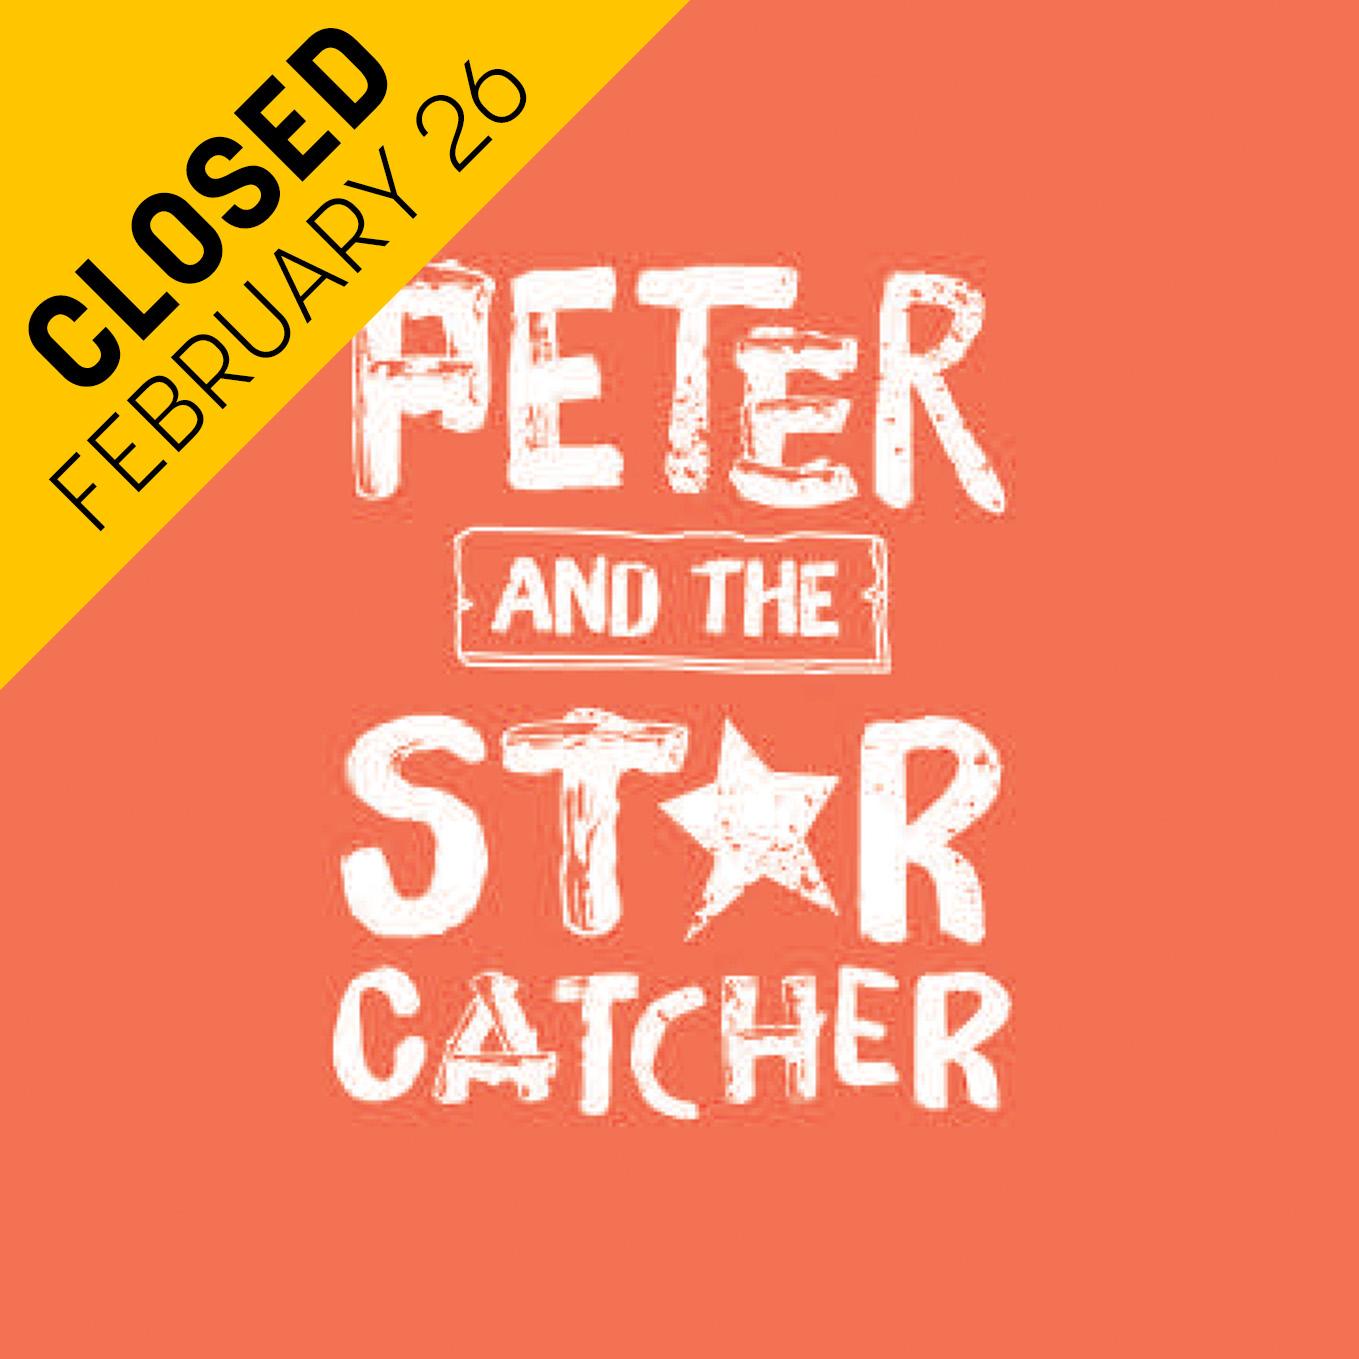 PATS_Closed.jpg